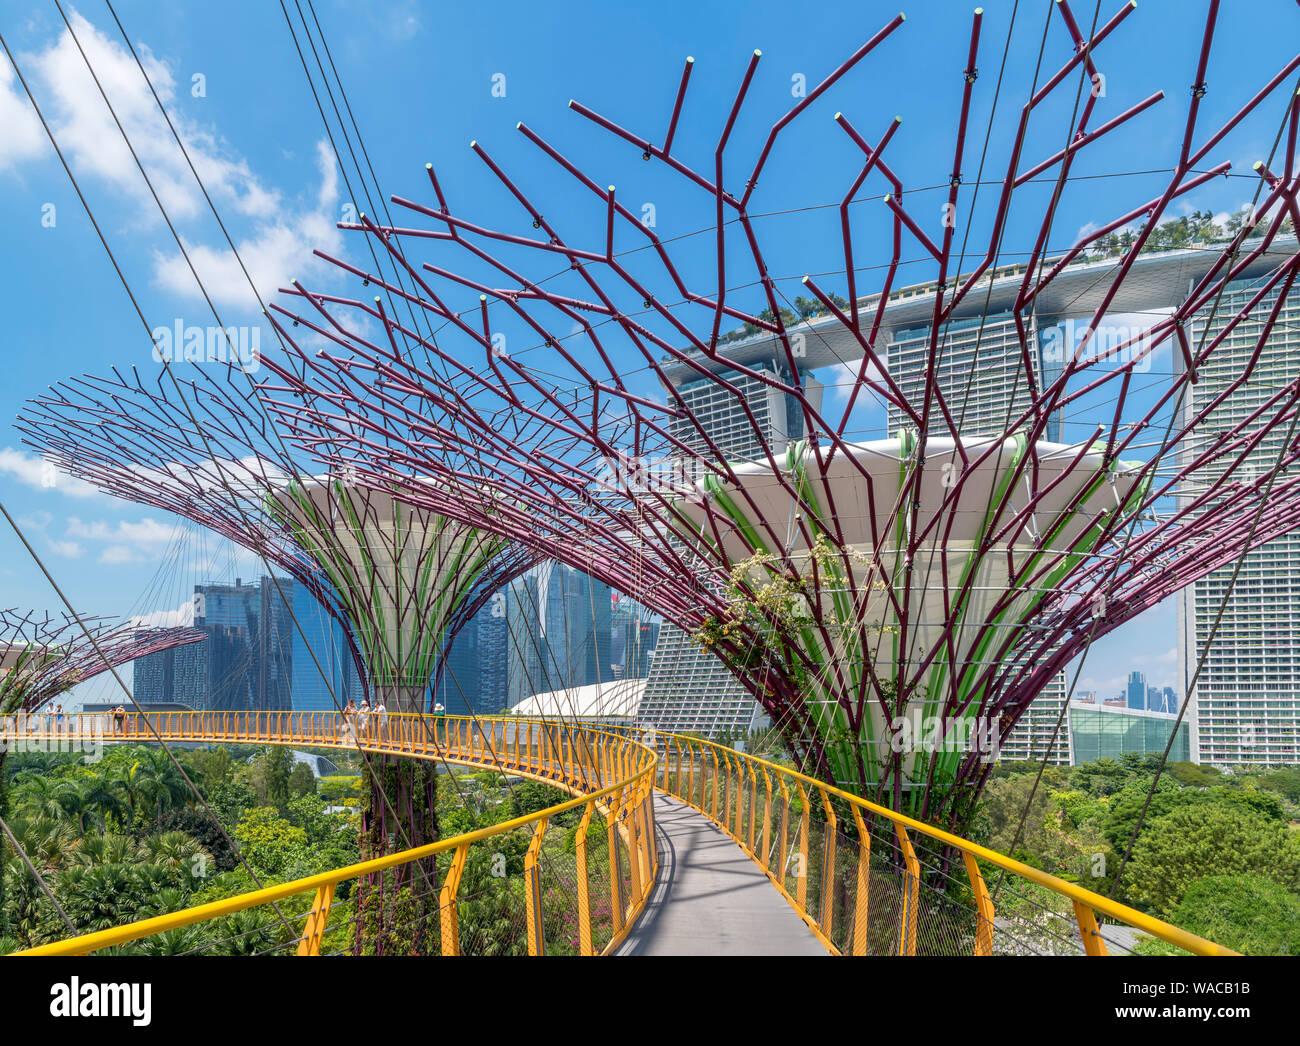 El OCBC Skyway, un pasaje aéreo en el Grove, Supertree mirando hacia Marina Bay Sands, jardines junto a la bahía, la ciudad de Singapur, Singapur Foto de stock